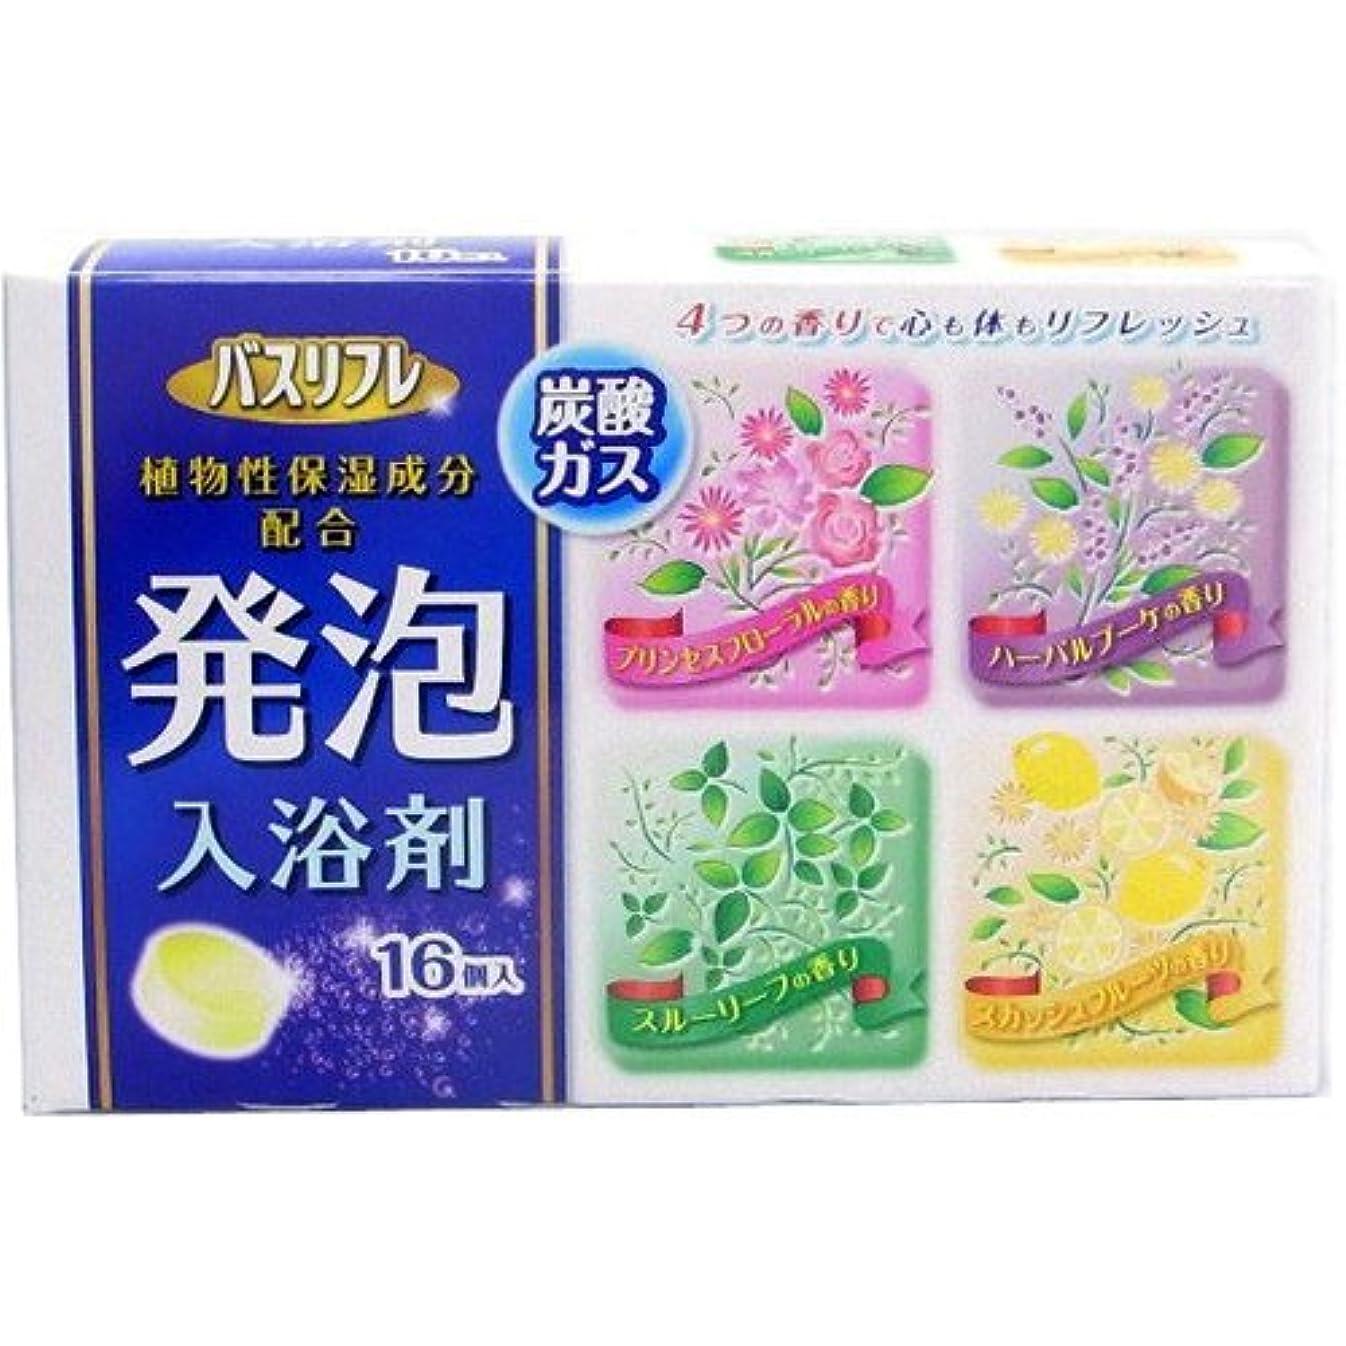 ガロン家庭任命バスリフレ 薬用発泡入浴剤 16錠 [医薬部外品] Japan